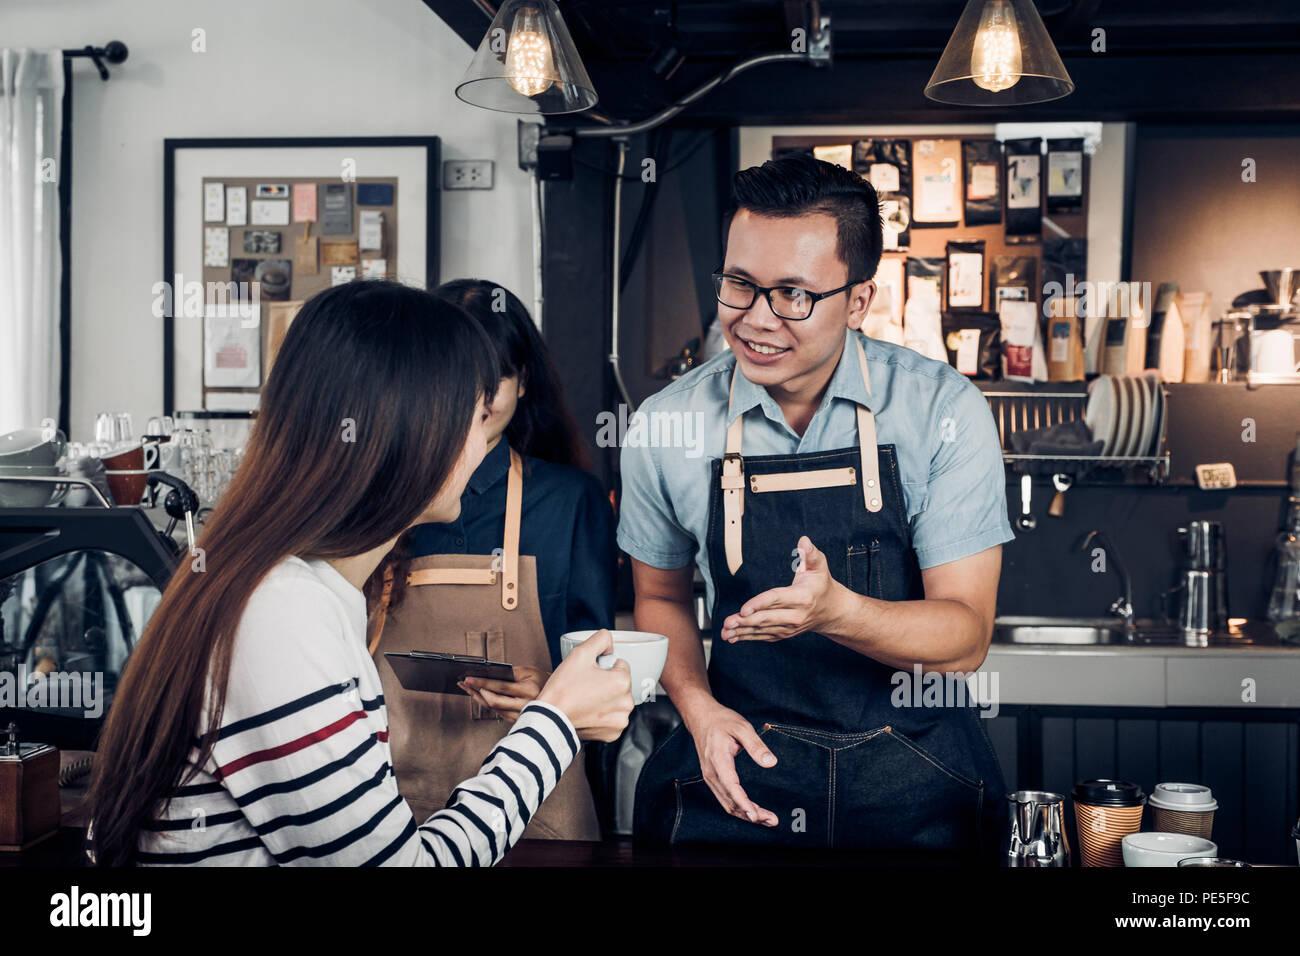 Männliche Barista im Gespräch mit dem Kunden über schmeckt der Kaffee Tasse mit glücklichen Gefühl an der Theke bar Cafe. coffee shop Business Owner Konzept, Service min. Stockfoto